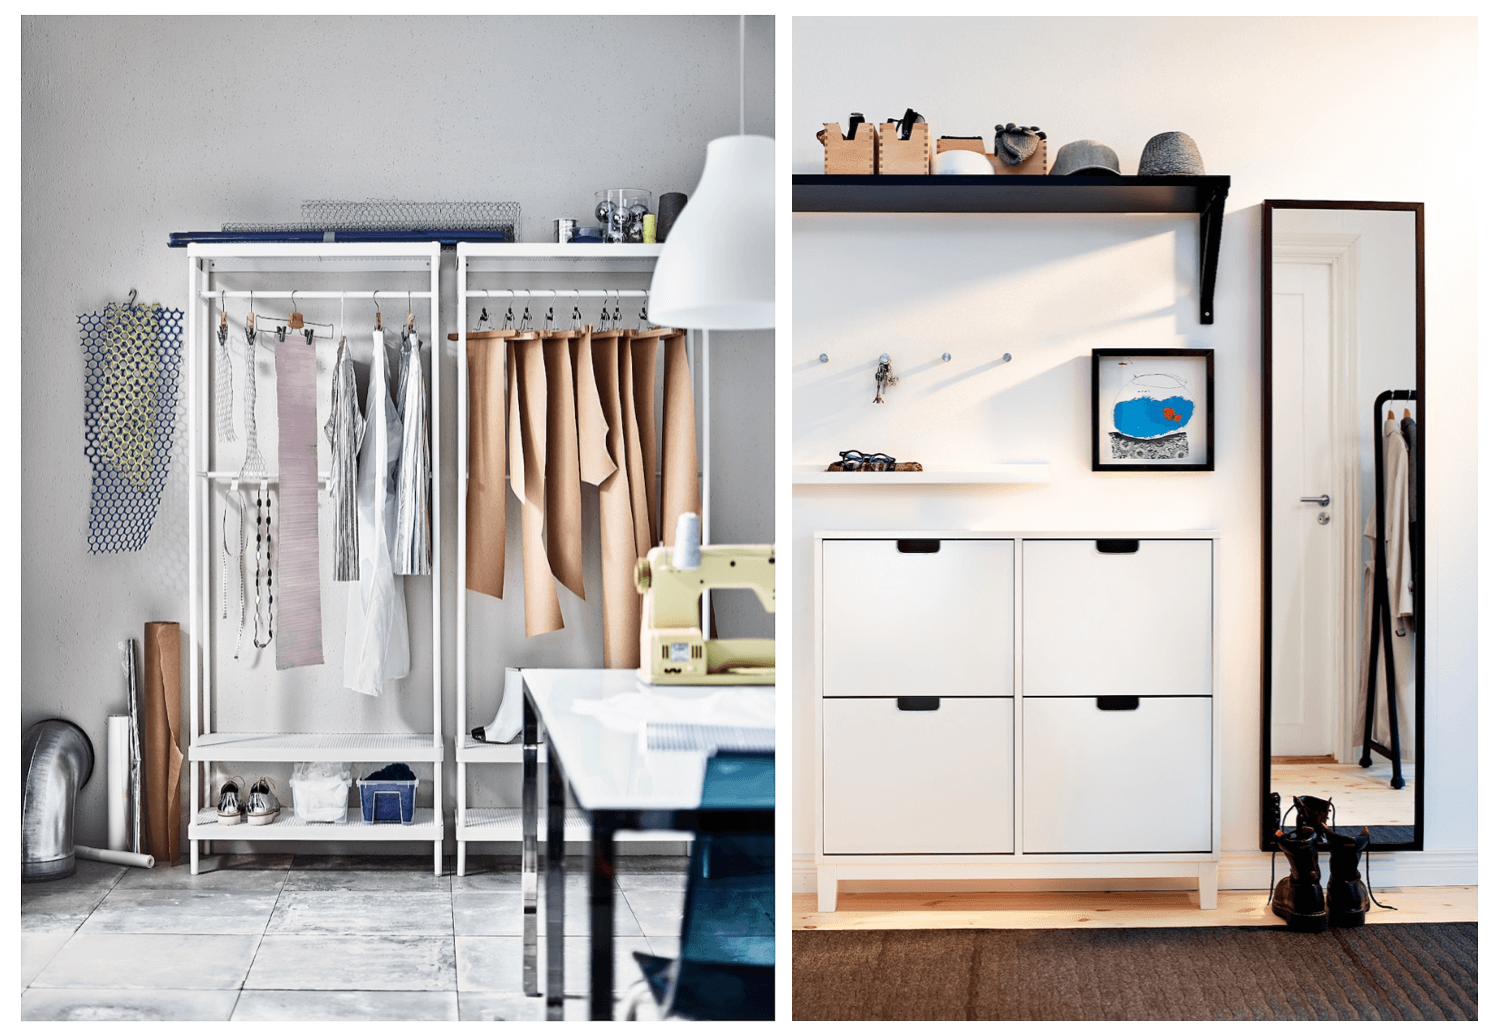 IKEAの収納家具